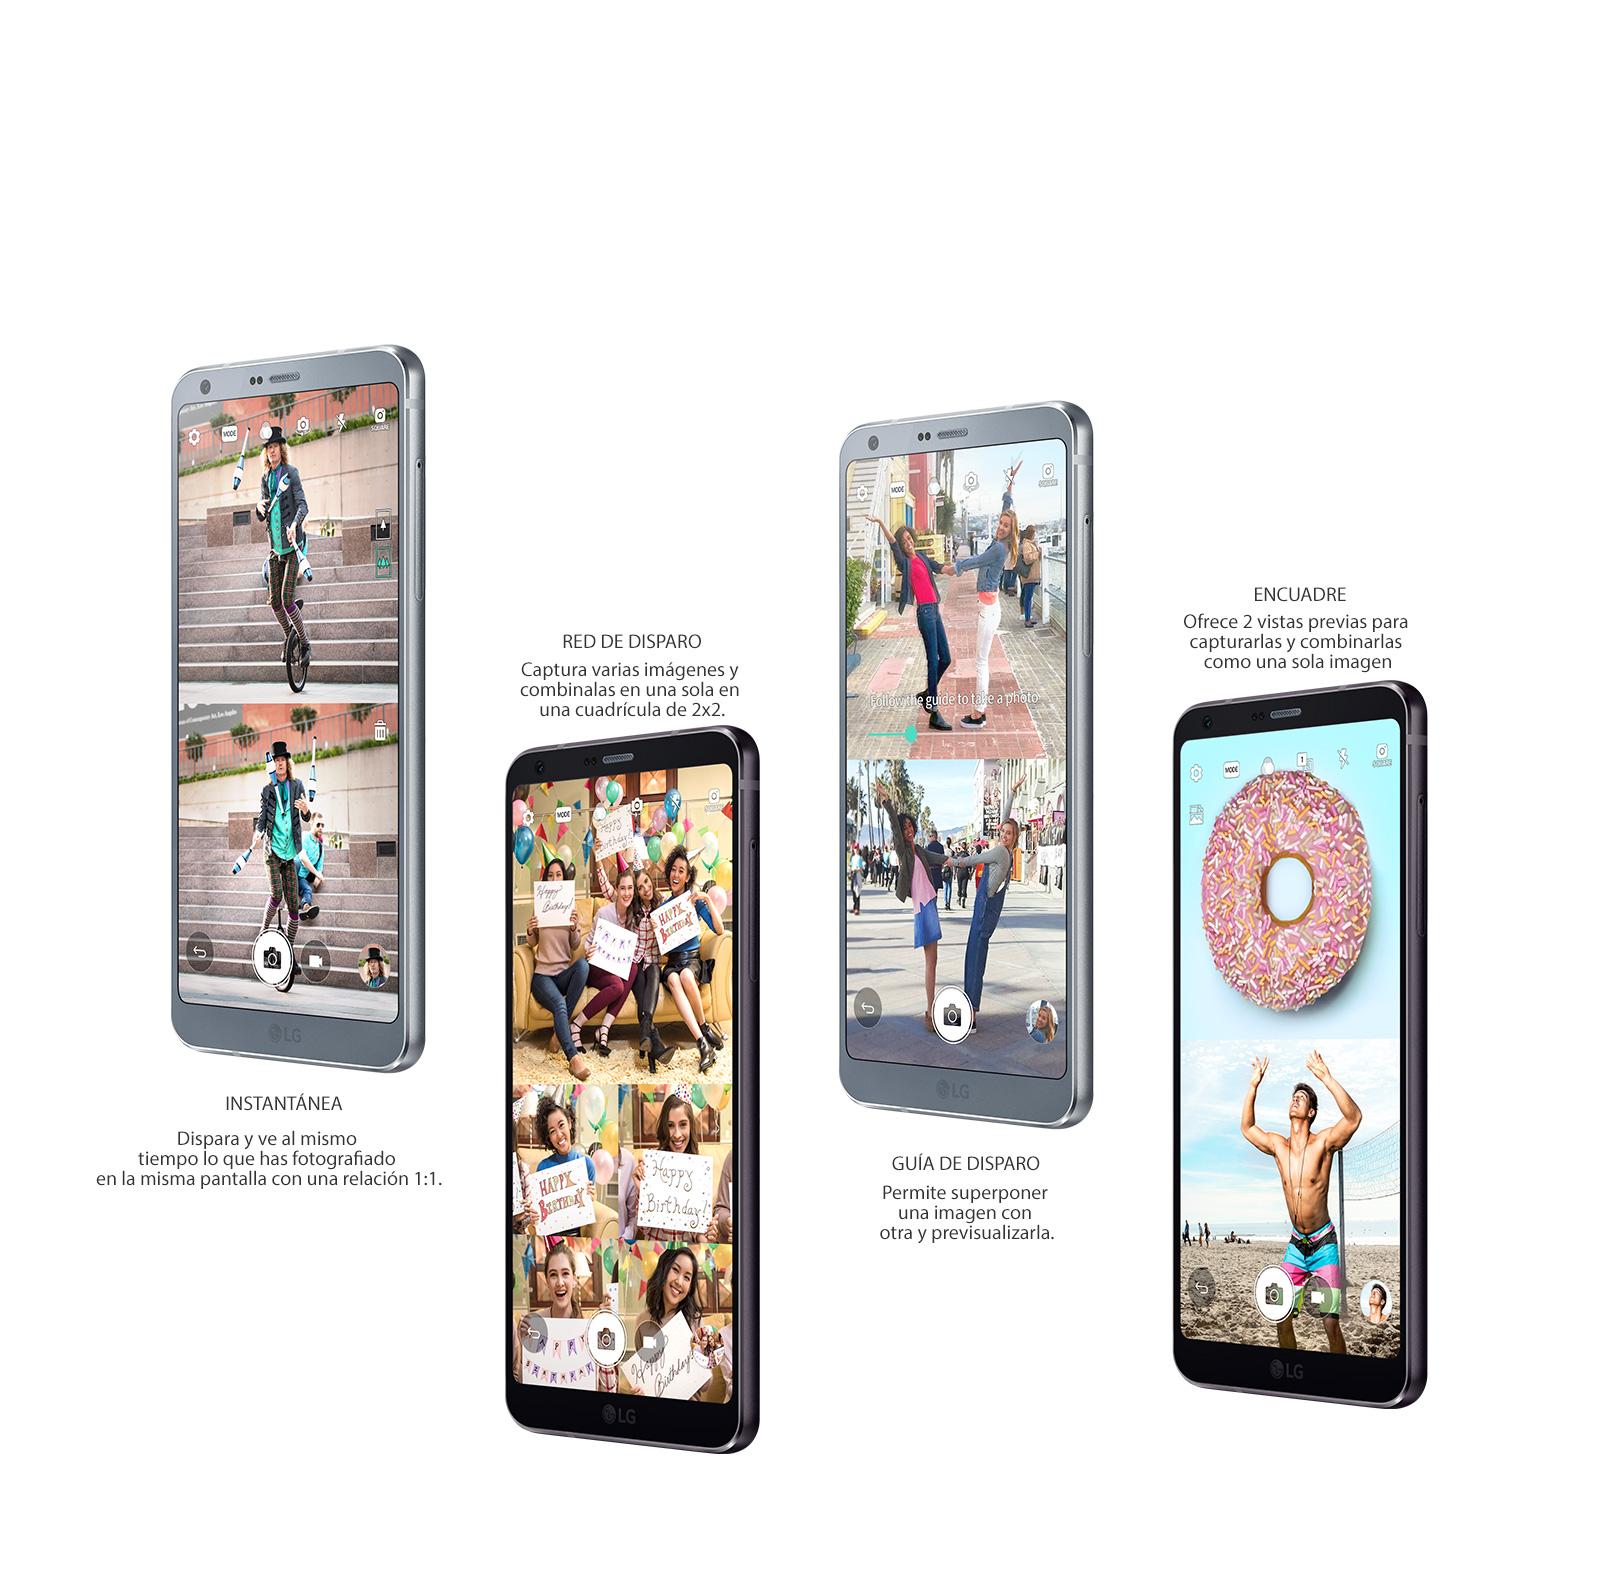 Algunas de las especificaciones del nuevo LG G6